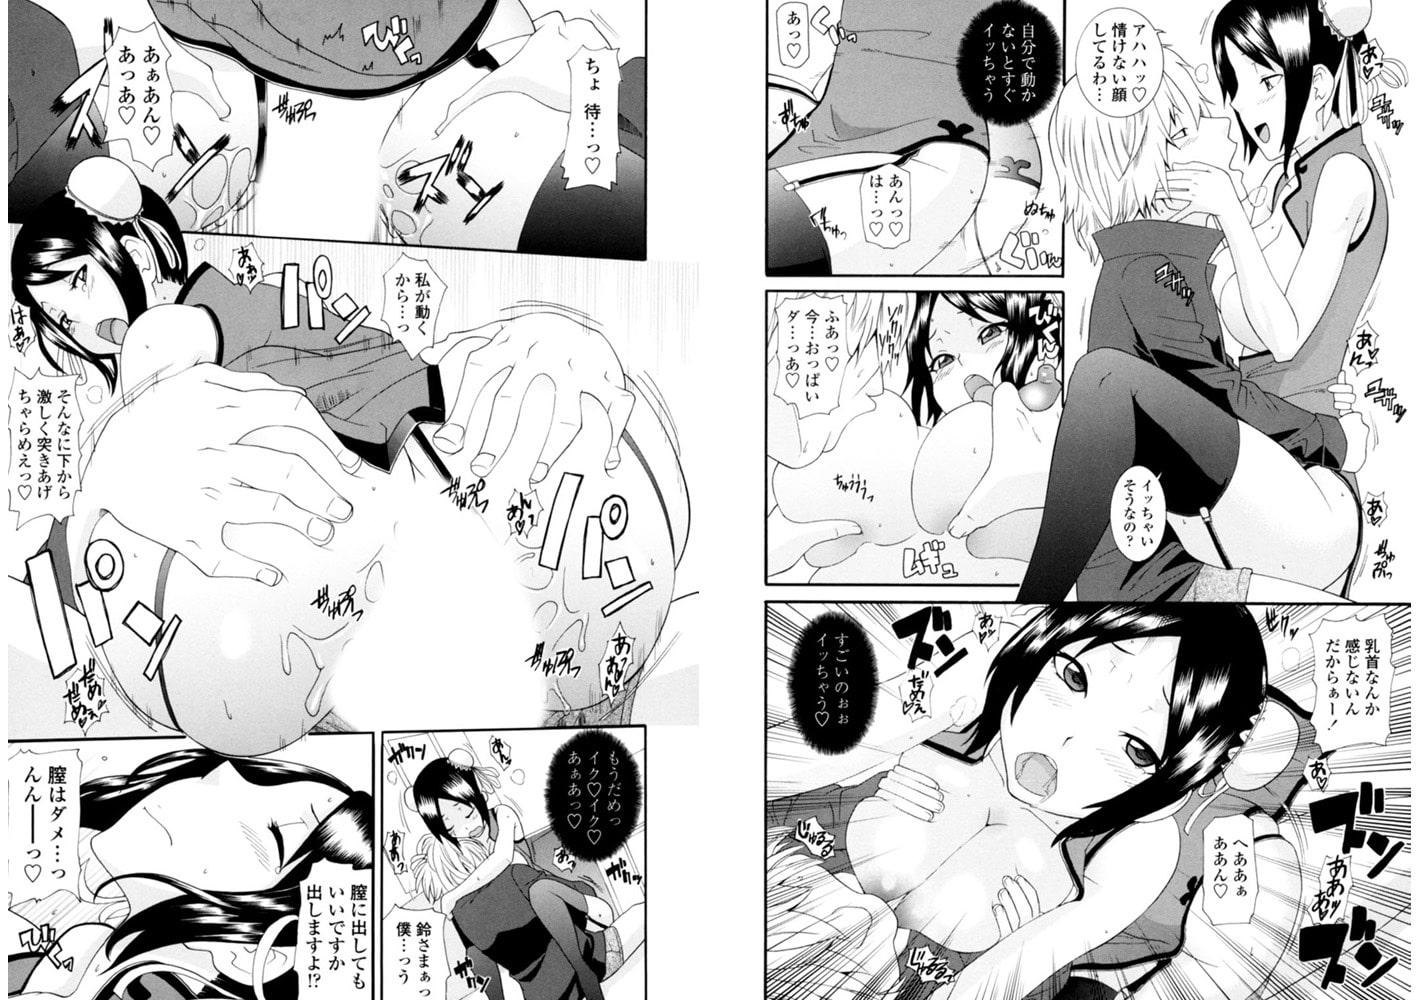 姉になりきり汁女優!?~無防備美女をヤリ倒し~ 3巻